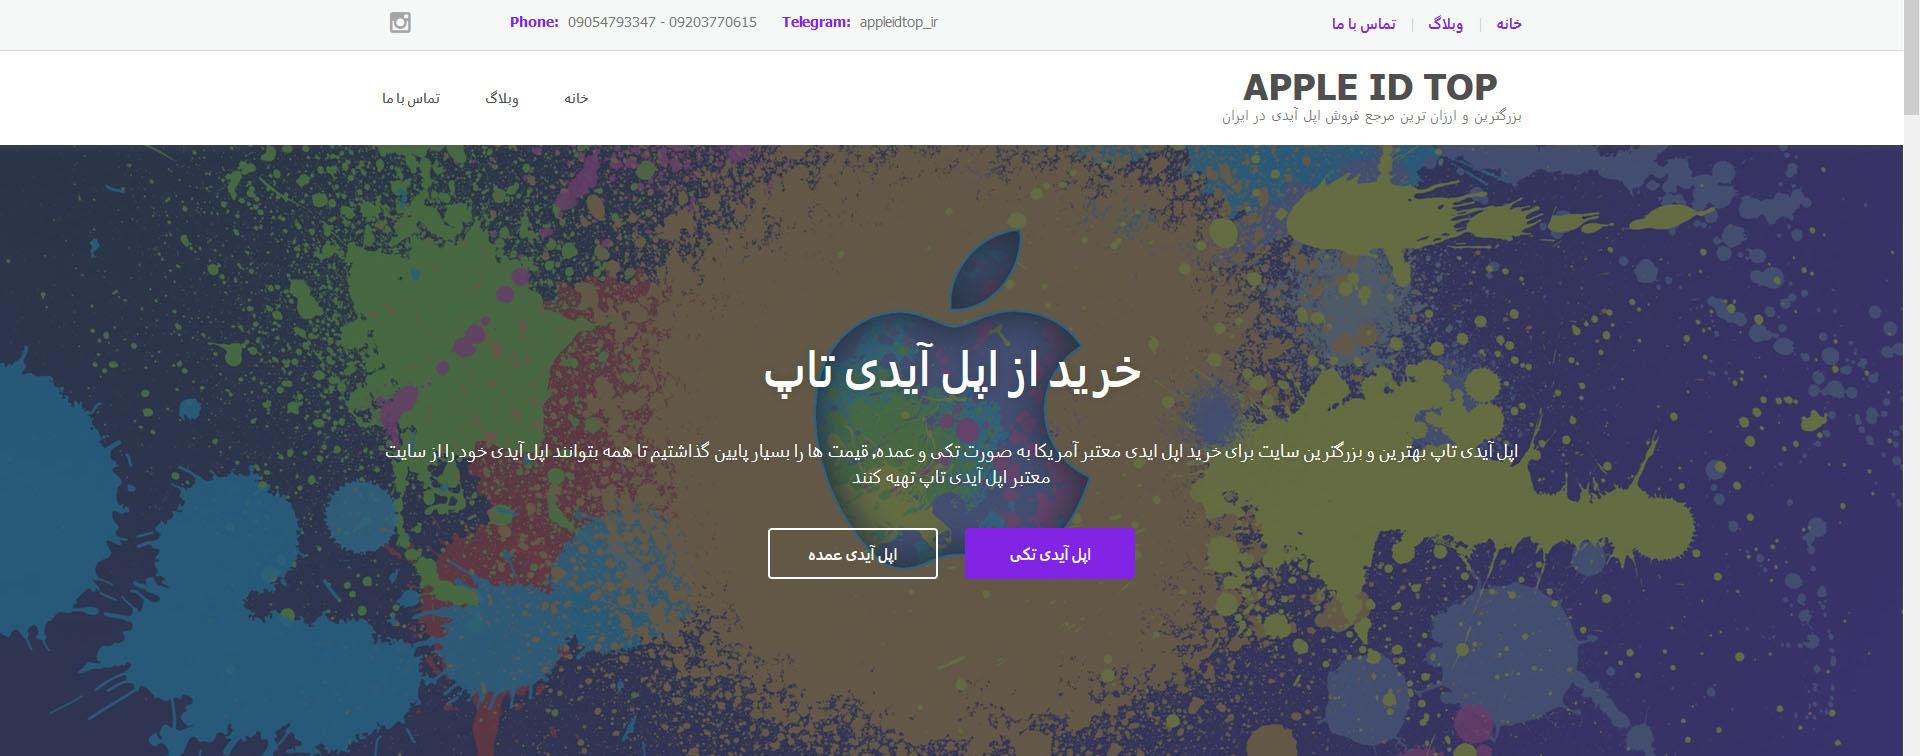 خرید اپل آیدی اینترنتی